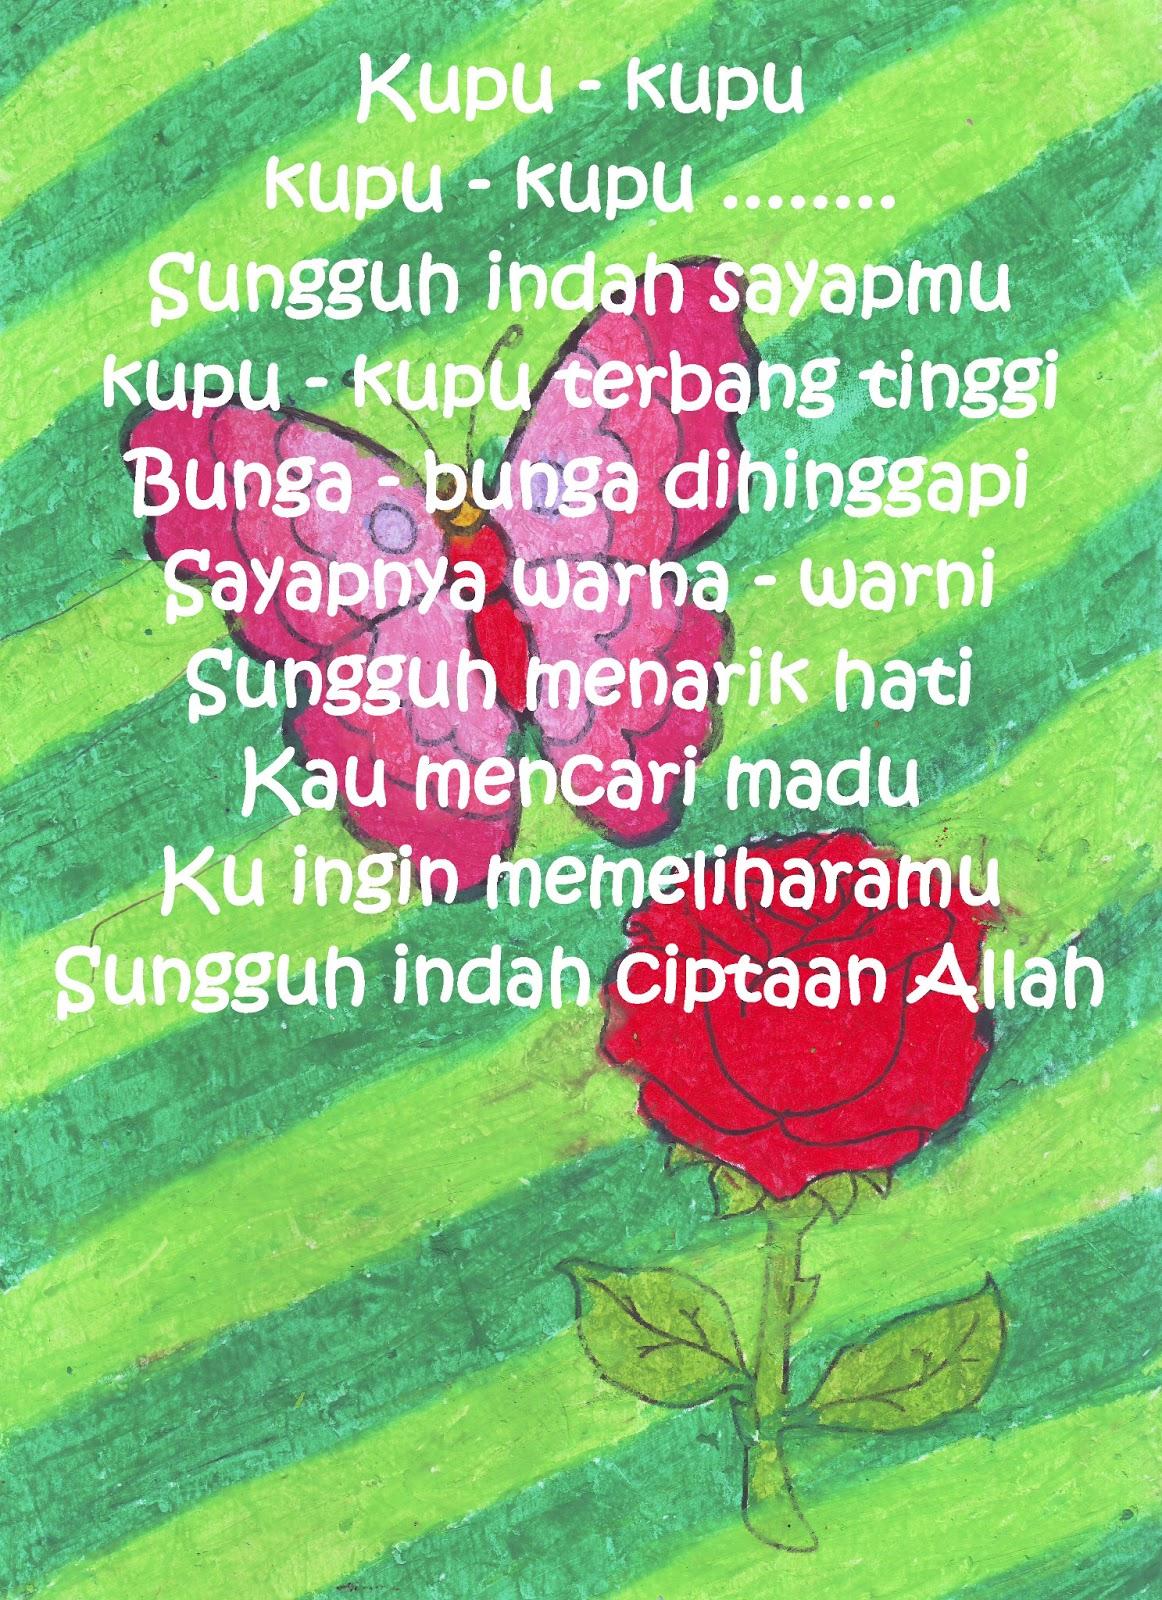 Contoh Puisi Bunga : contoh, puisi, bunga, Kumpulan, Puisi, Cinta, Mutiara